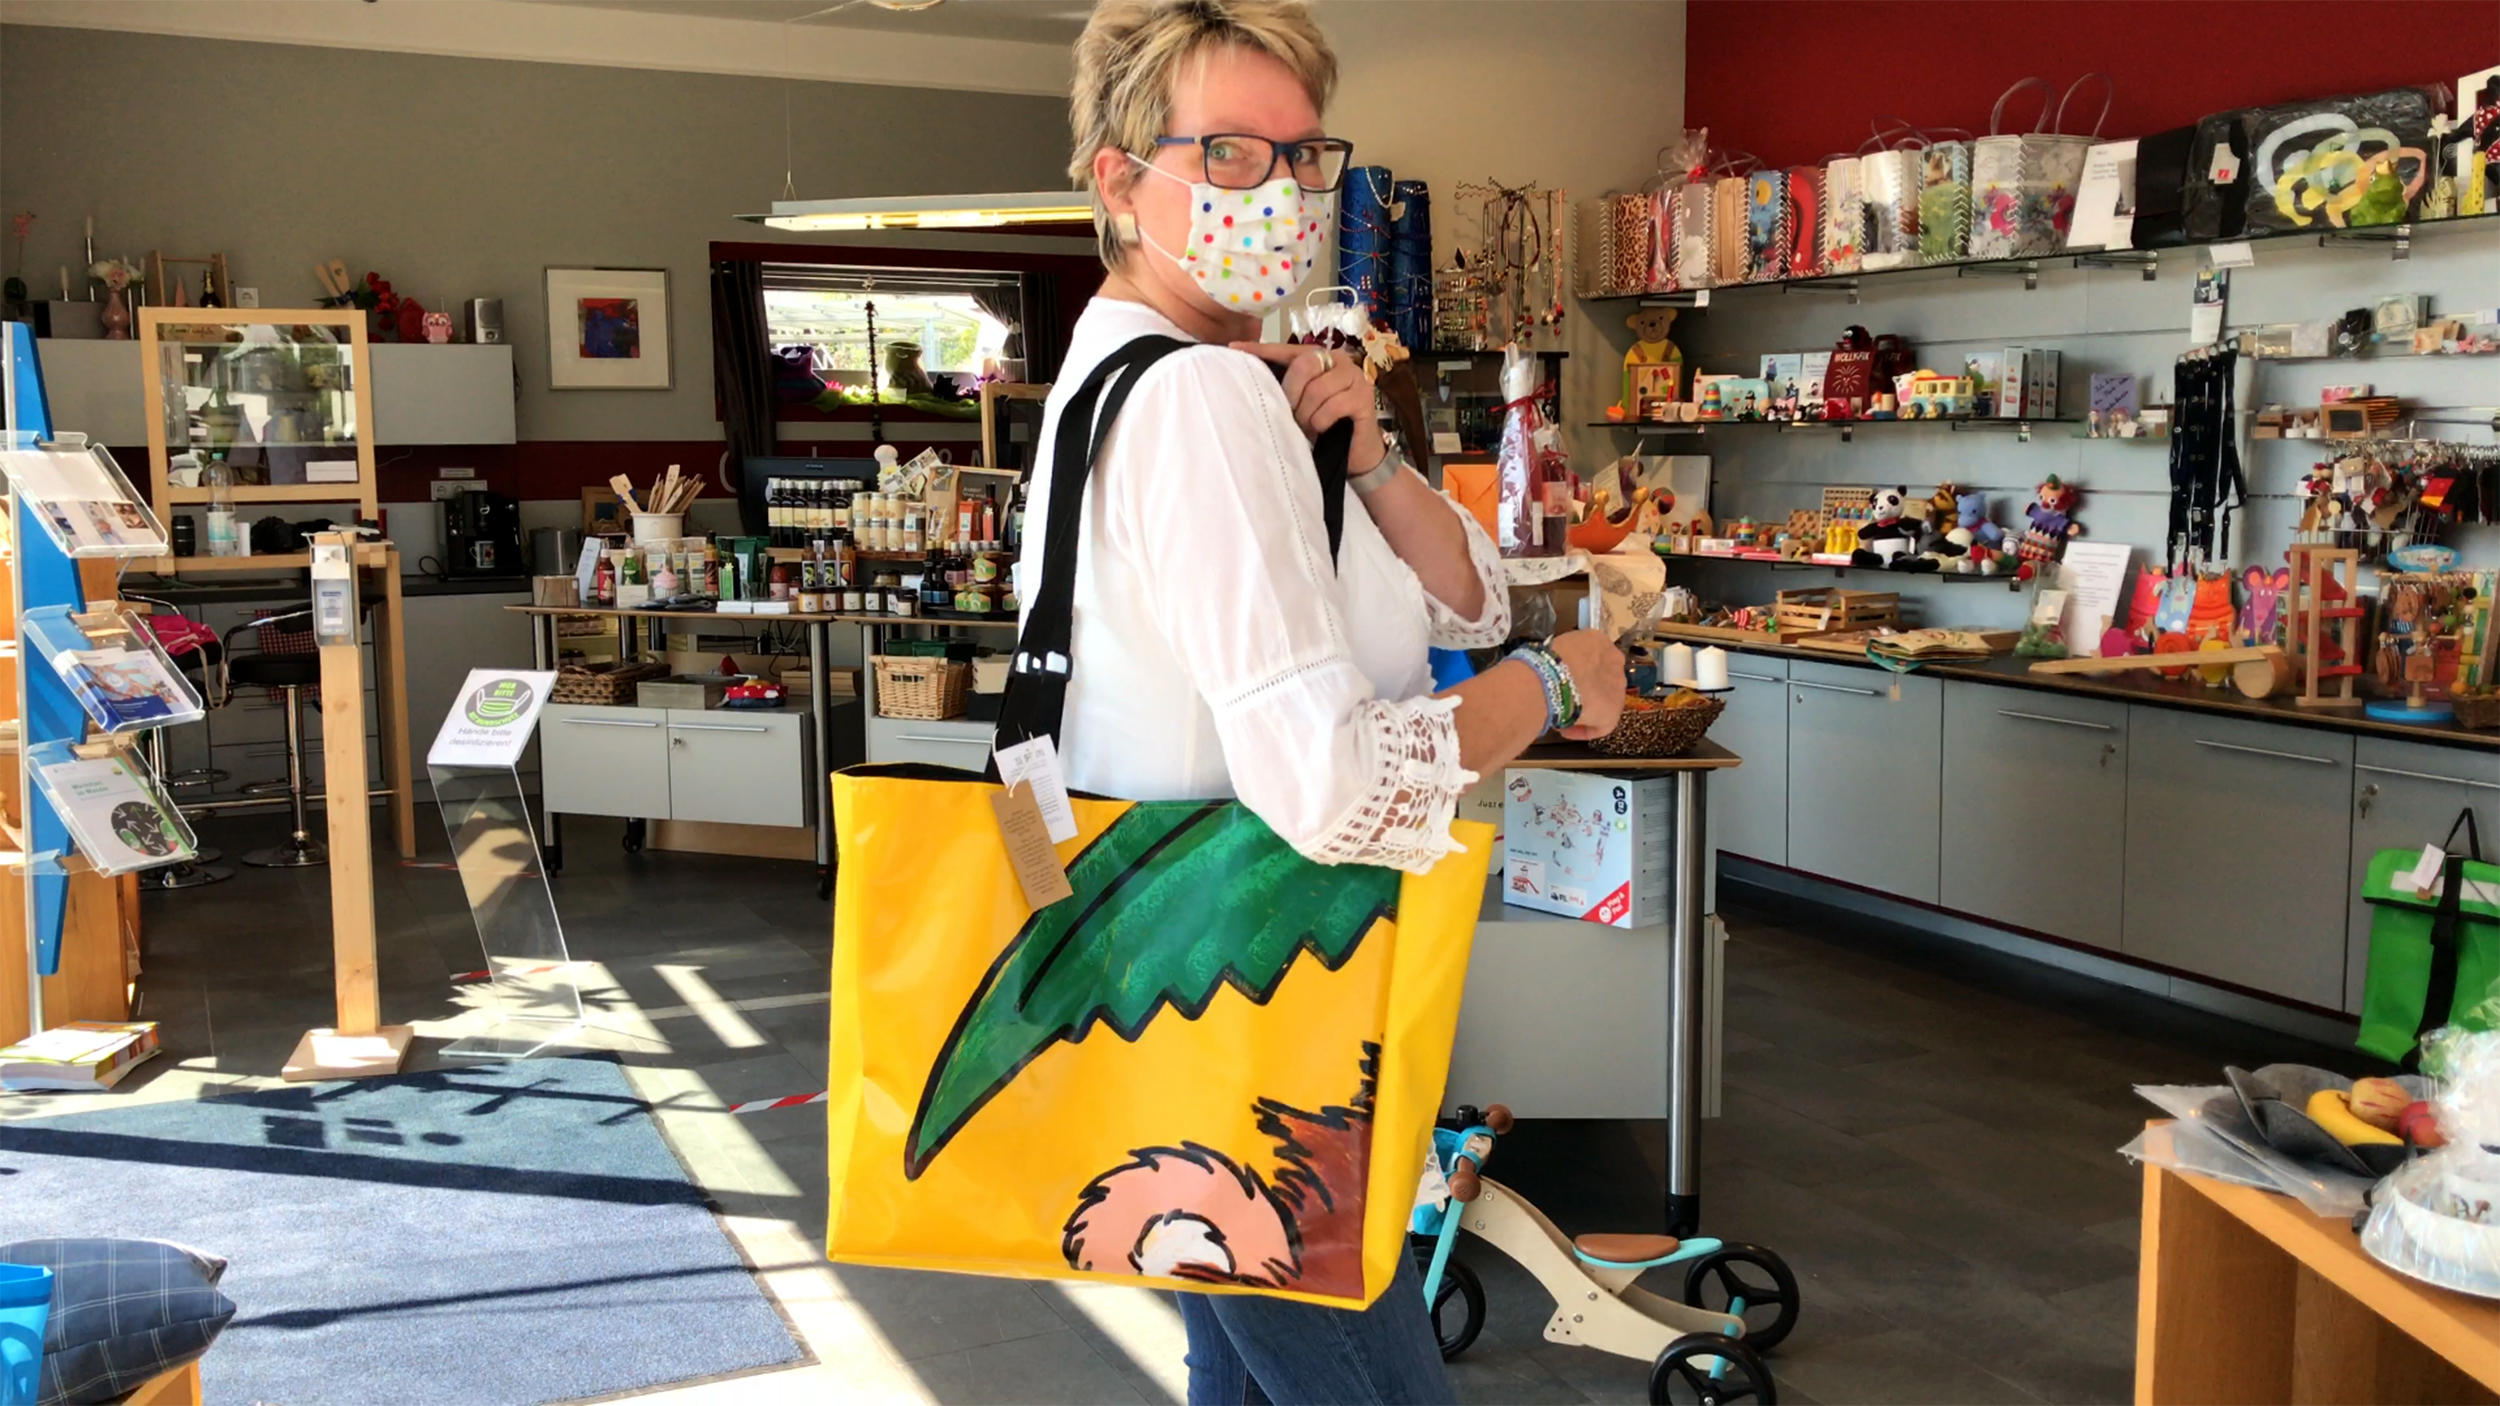 Ladenchefin Birgit Strobel zeigt hier ein Taschenmodel, das in der Schneiderei der Moritzberg-Werkstätten aus ausgedienten Hüpfburgen gefertigt wurde. Upcycling liegt im Trend.